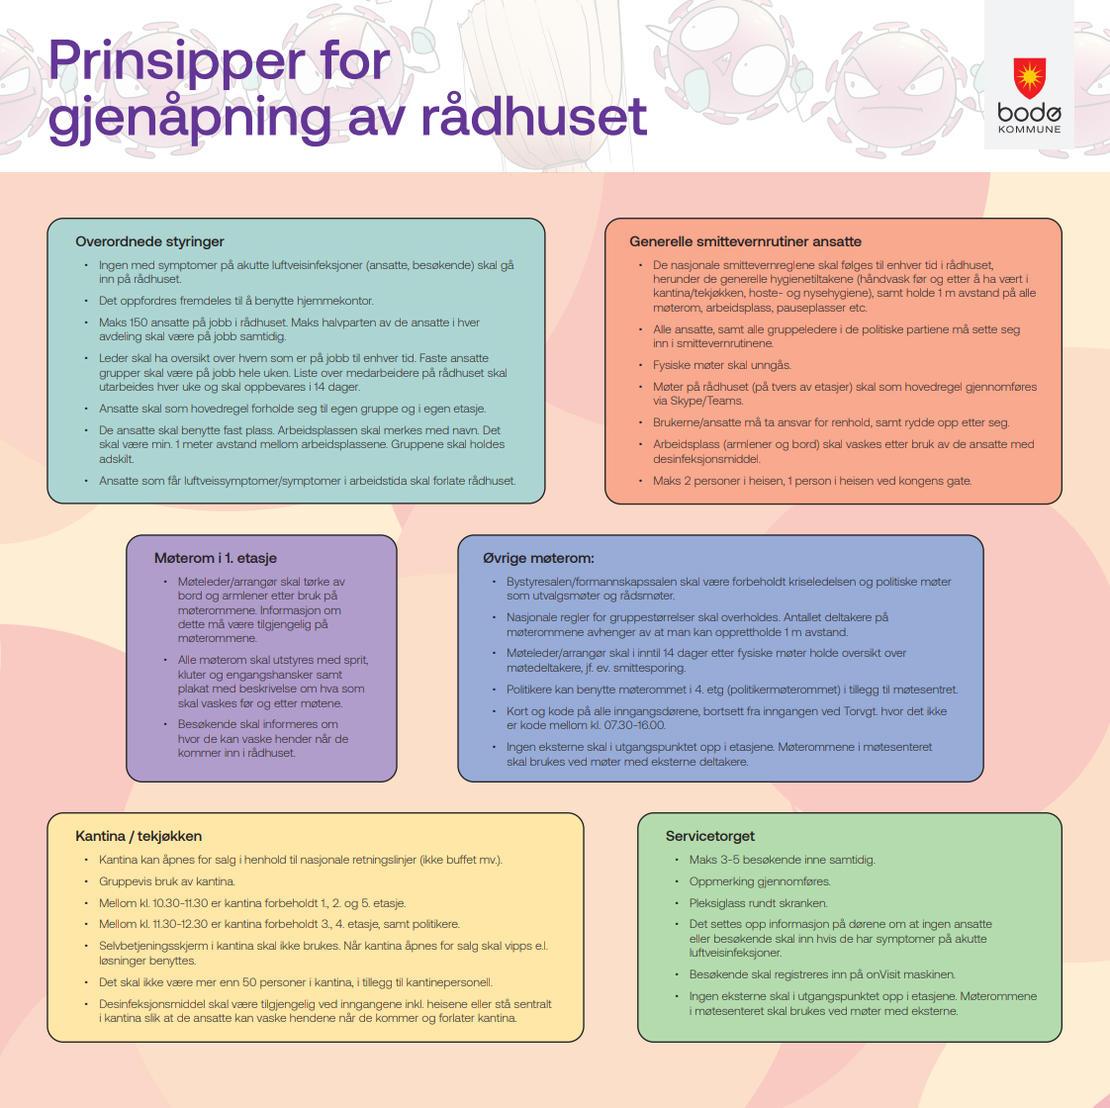 Prinsipper for gjenåpning av rådhuset